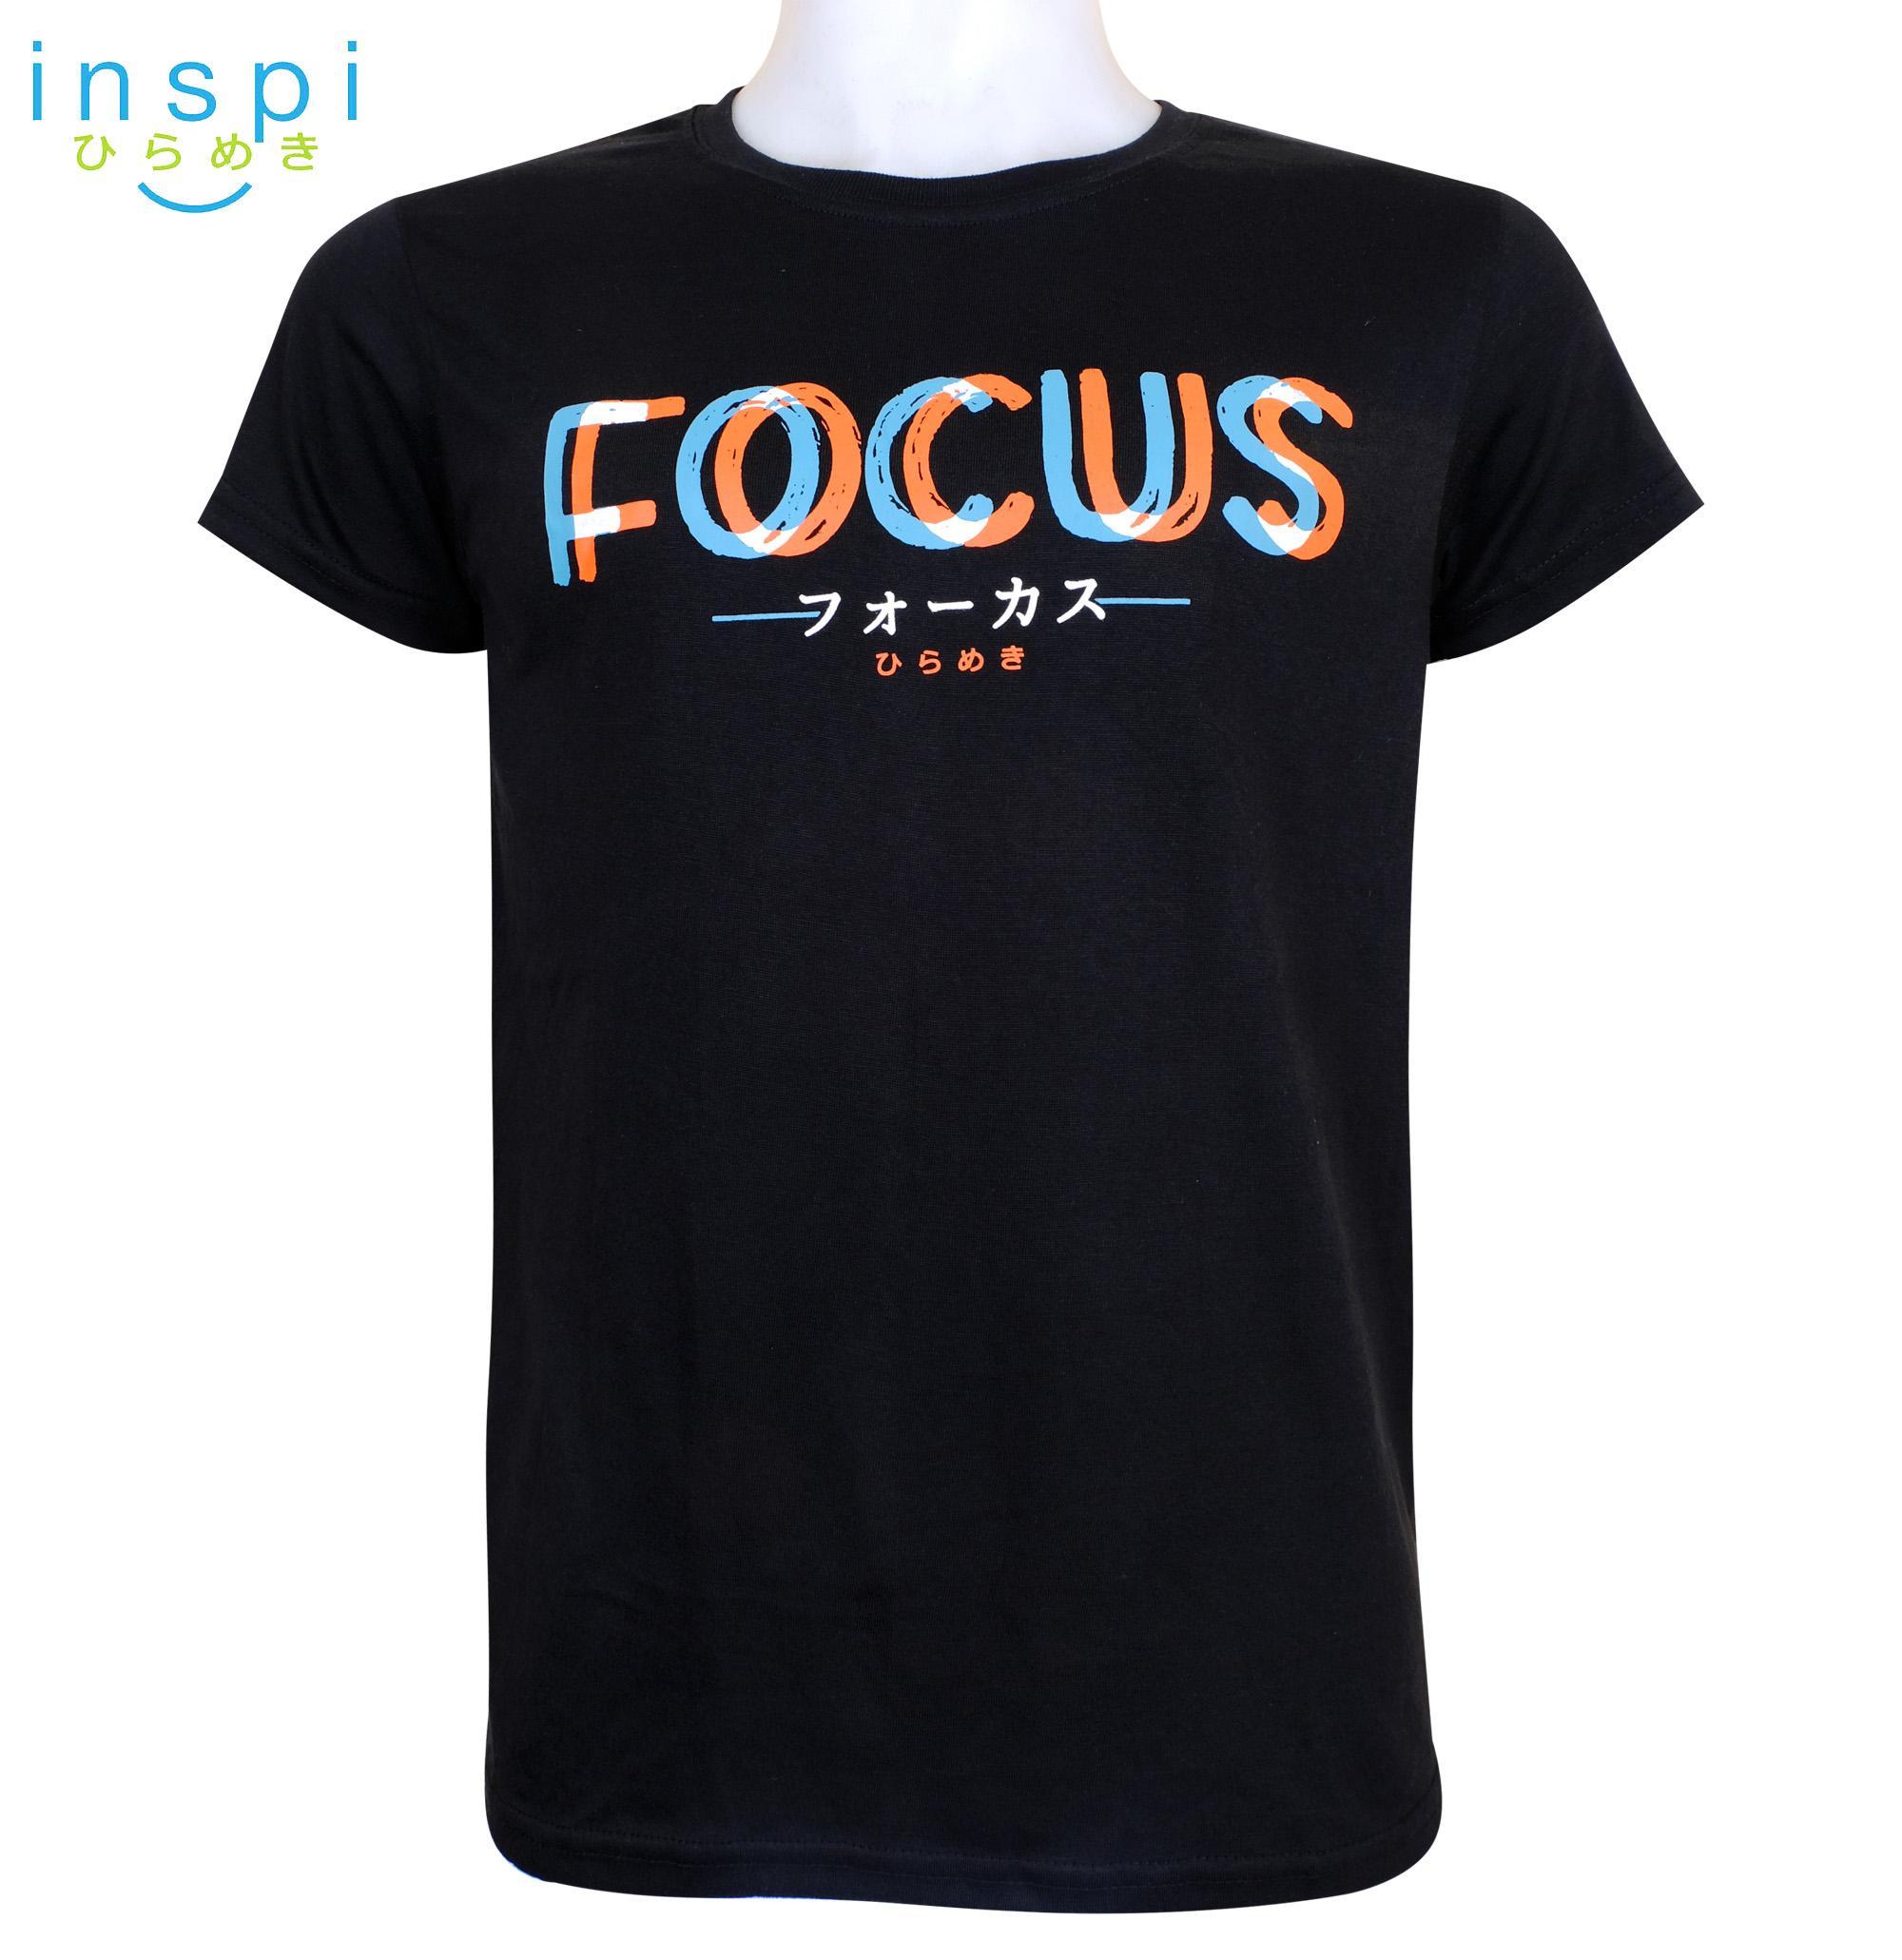 b227e2d558ff INSPI Tees Focus (Black) tshirt printed graphic tee Mens t shirt shirts for  men